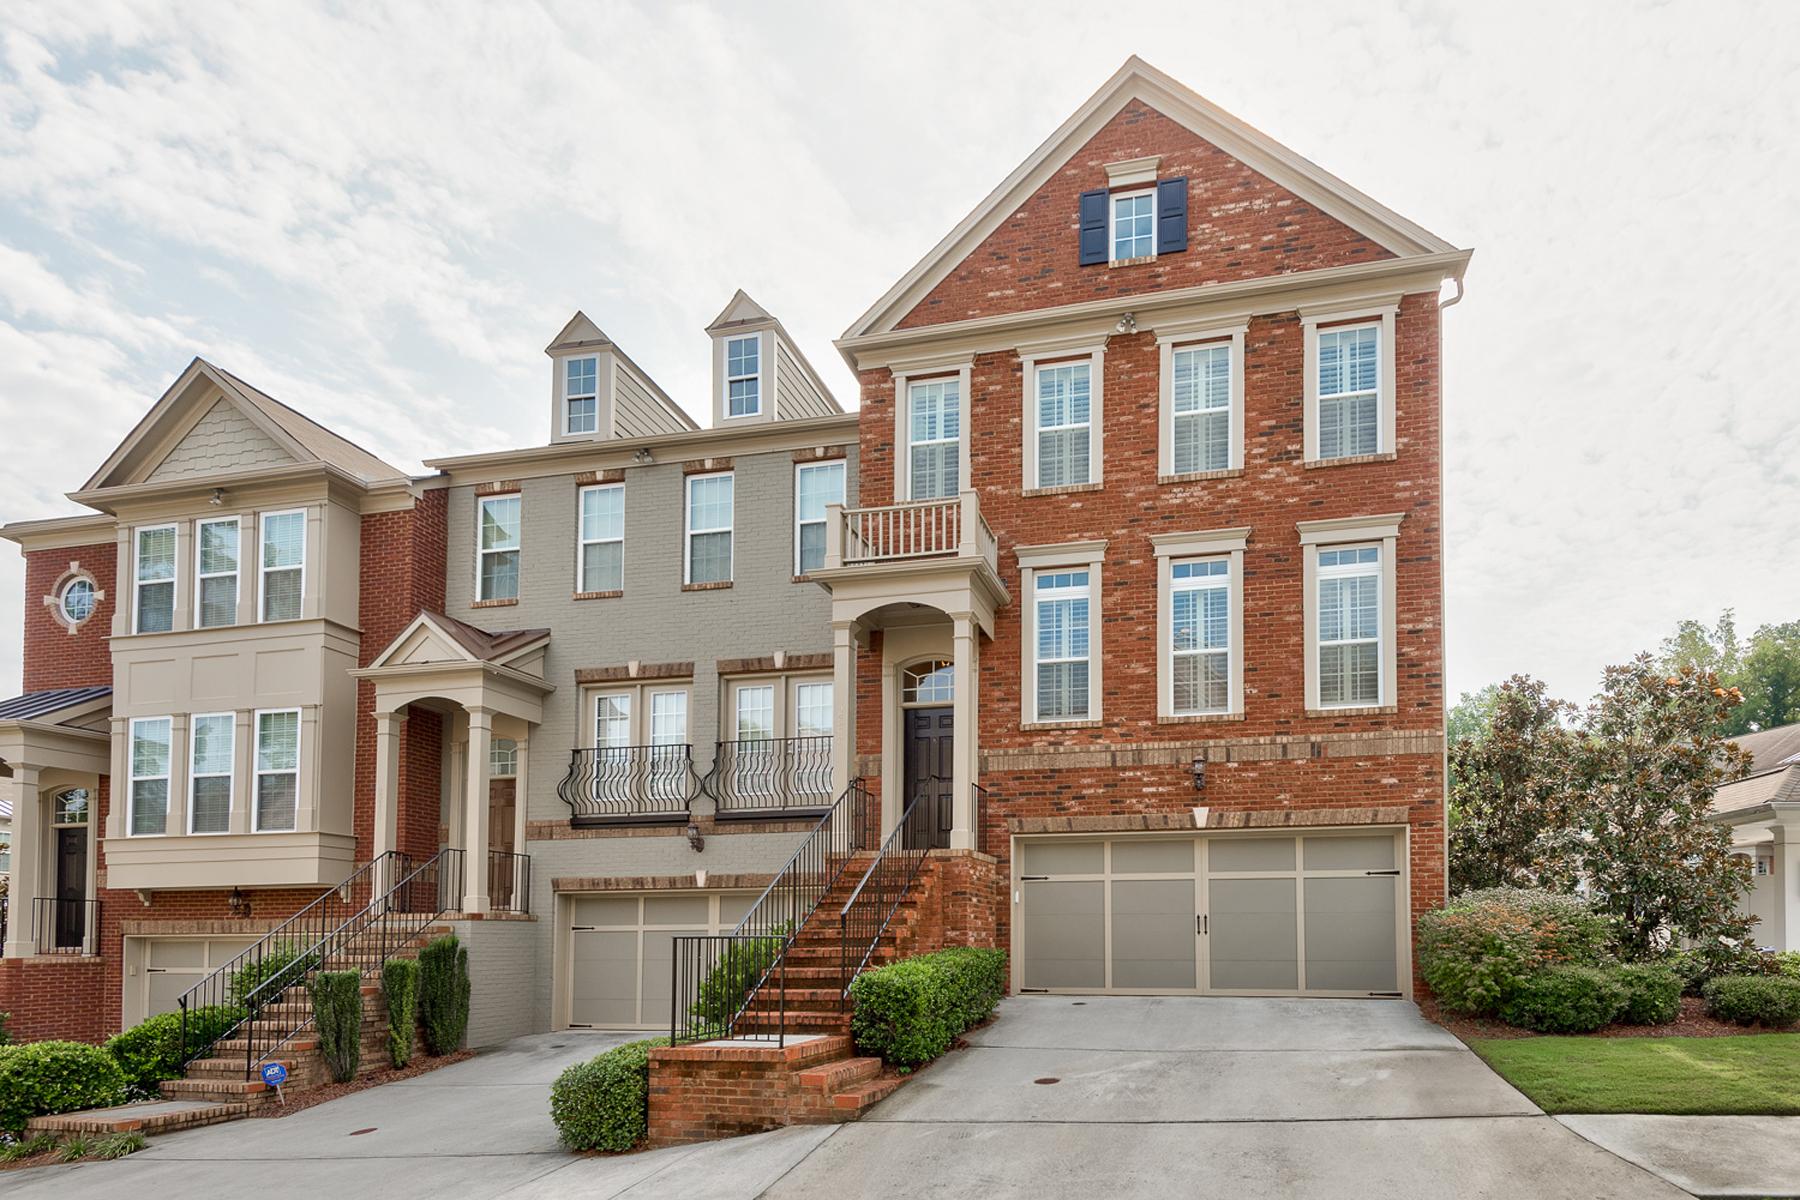 타운하우스 용 매매 에 Fabulous Townhome In Wonderful Gated Community Off Lenox Road 2847 Overlook Court Atlanta, 조지아 30324 미국